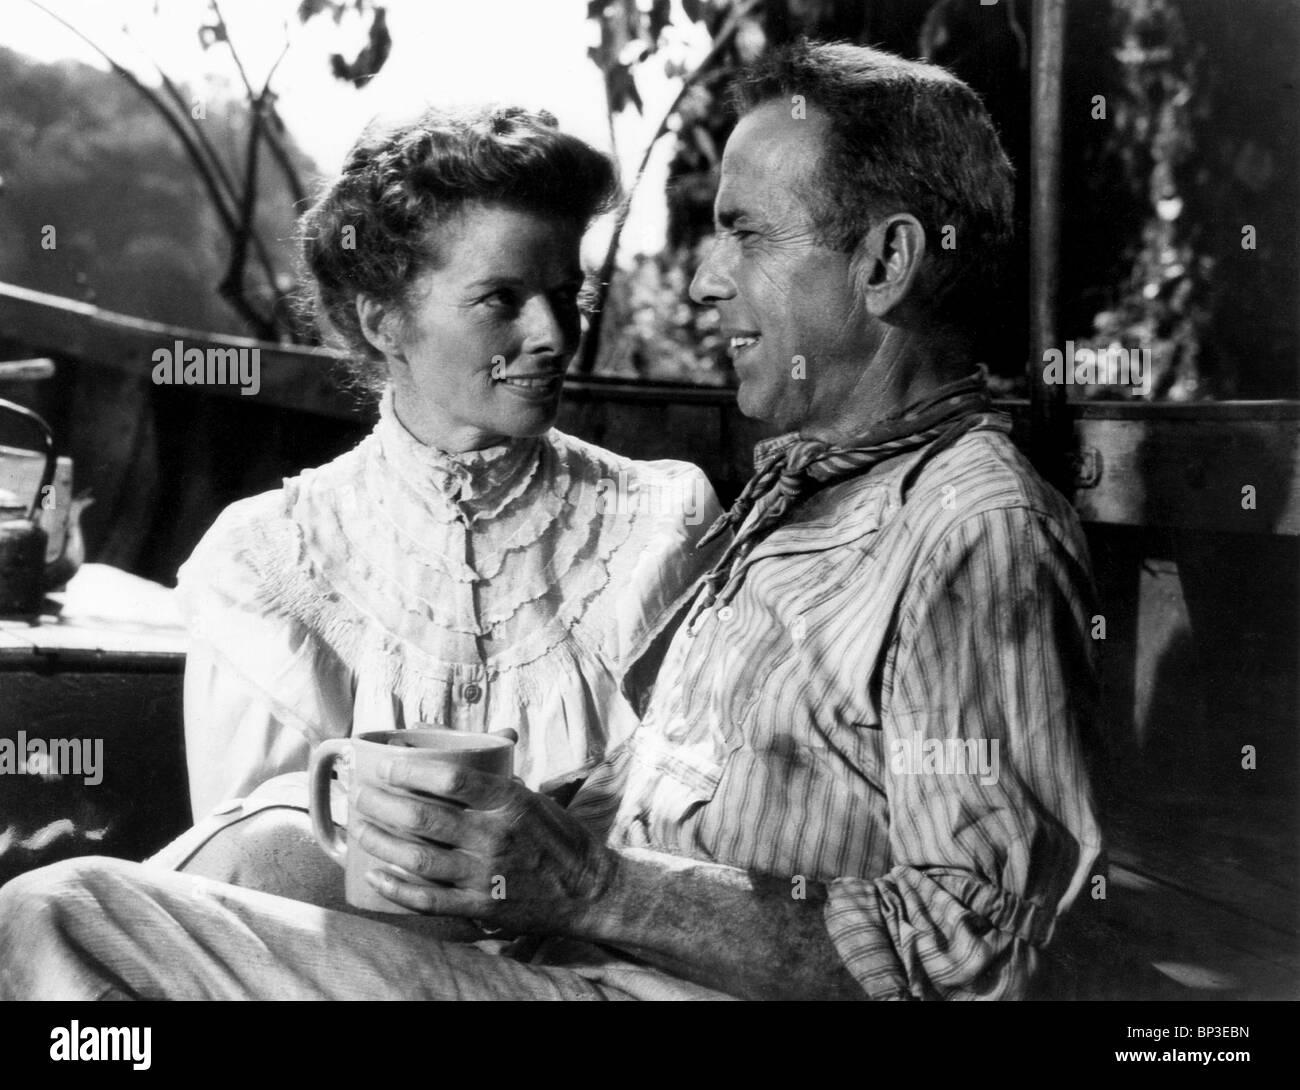 Katharine hepburn humphrey bogart the african queen 1951 stock image